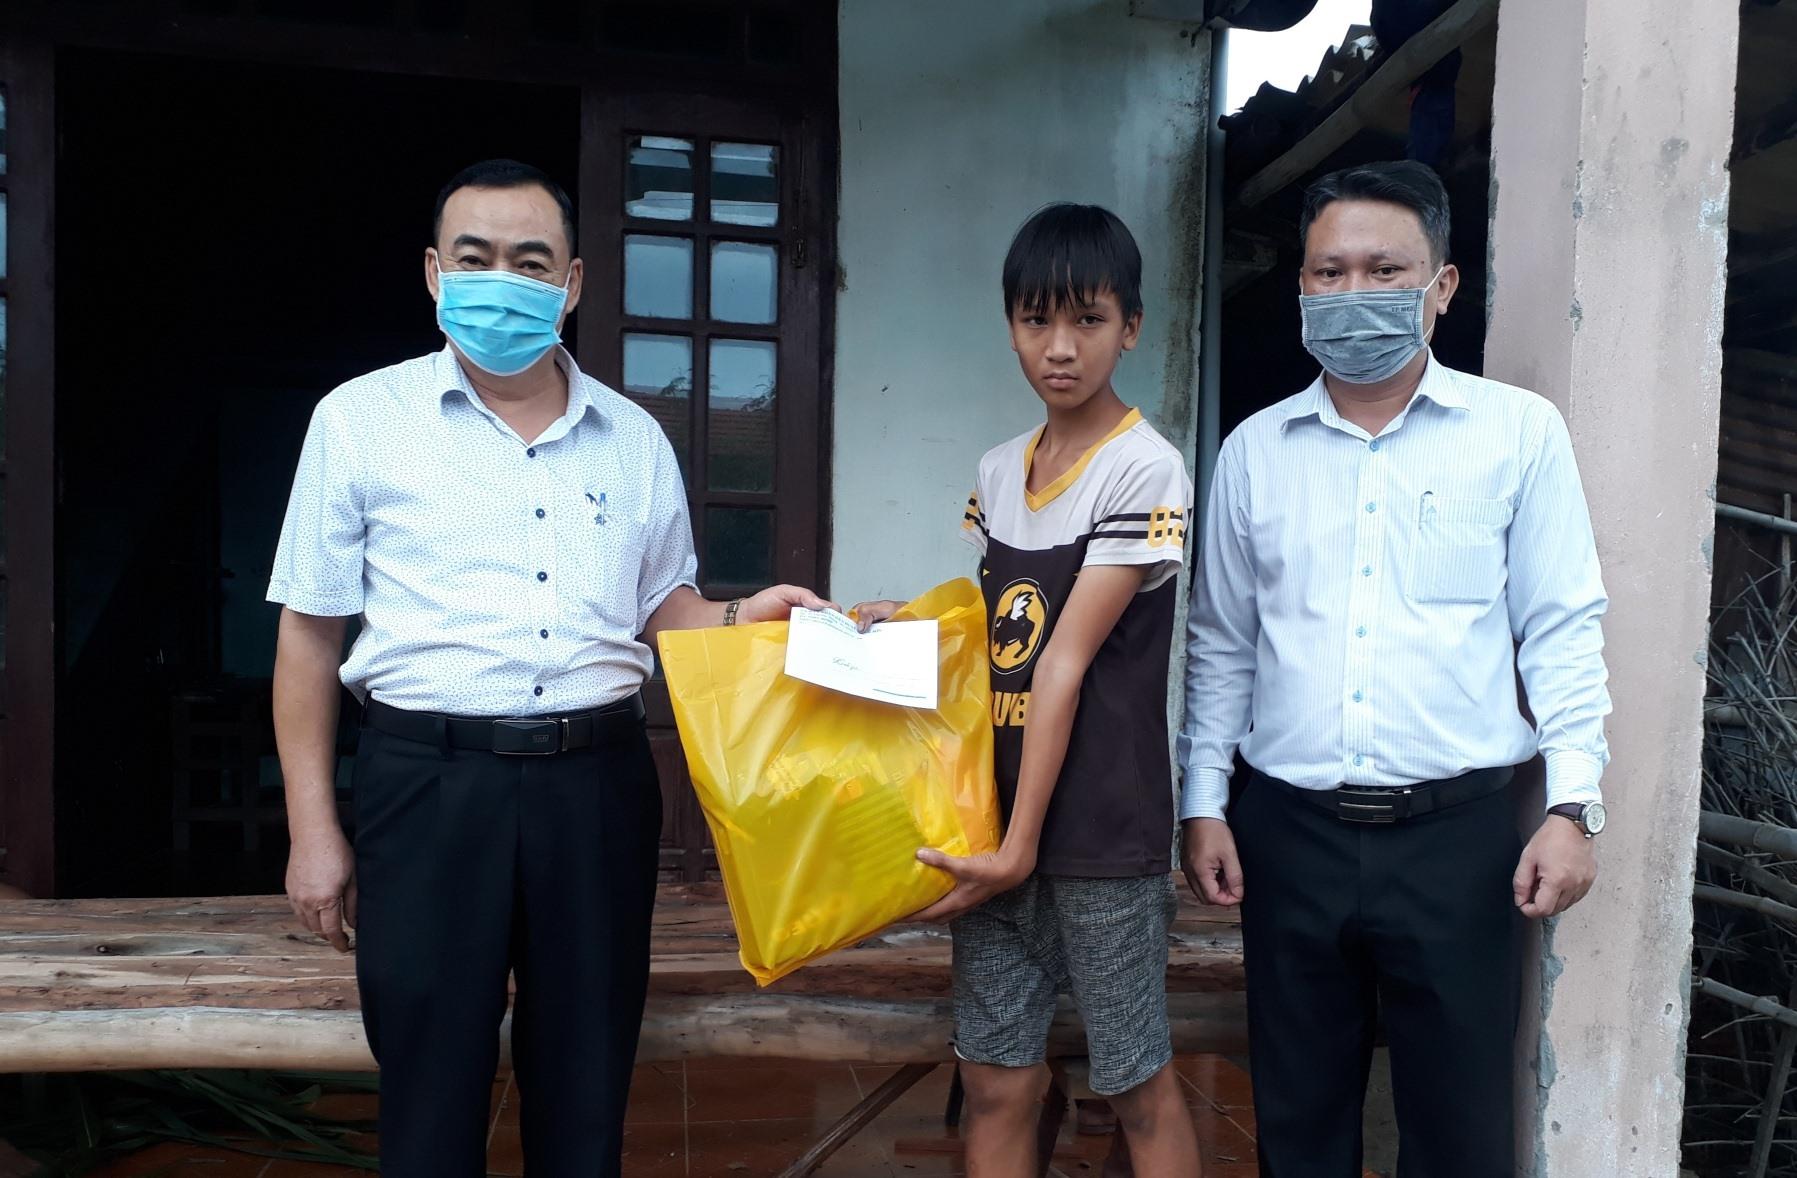 Lãnh đạo huyện Quế Sơn tặng quà trung thu cho trẻ em bị đau ốm ở xã Quế Xuân 1. ảnh DT